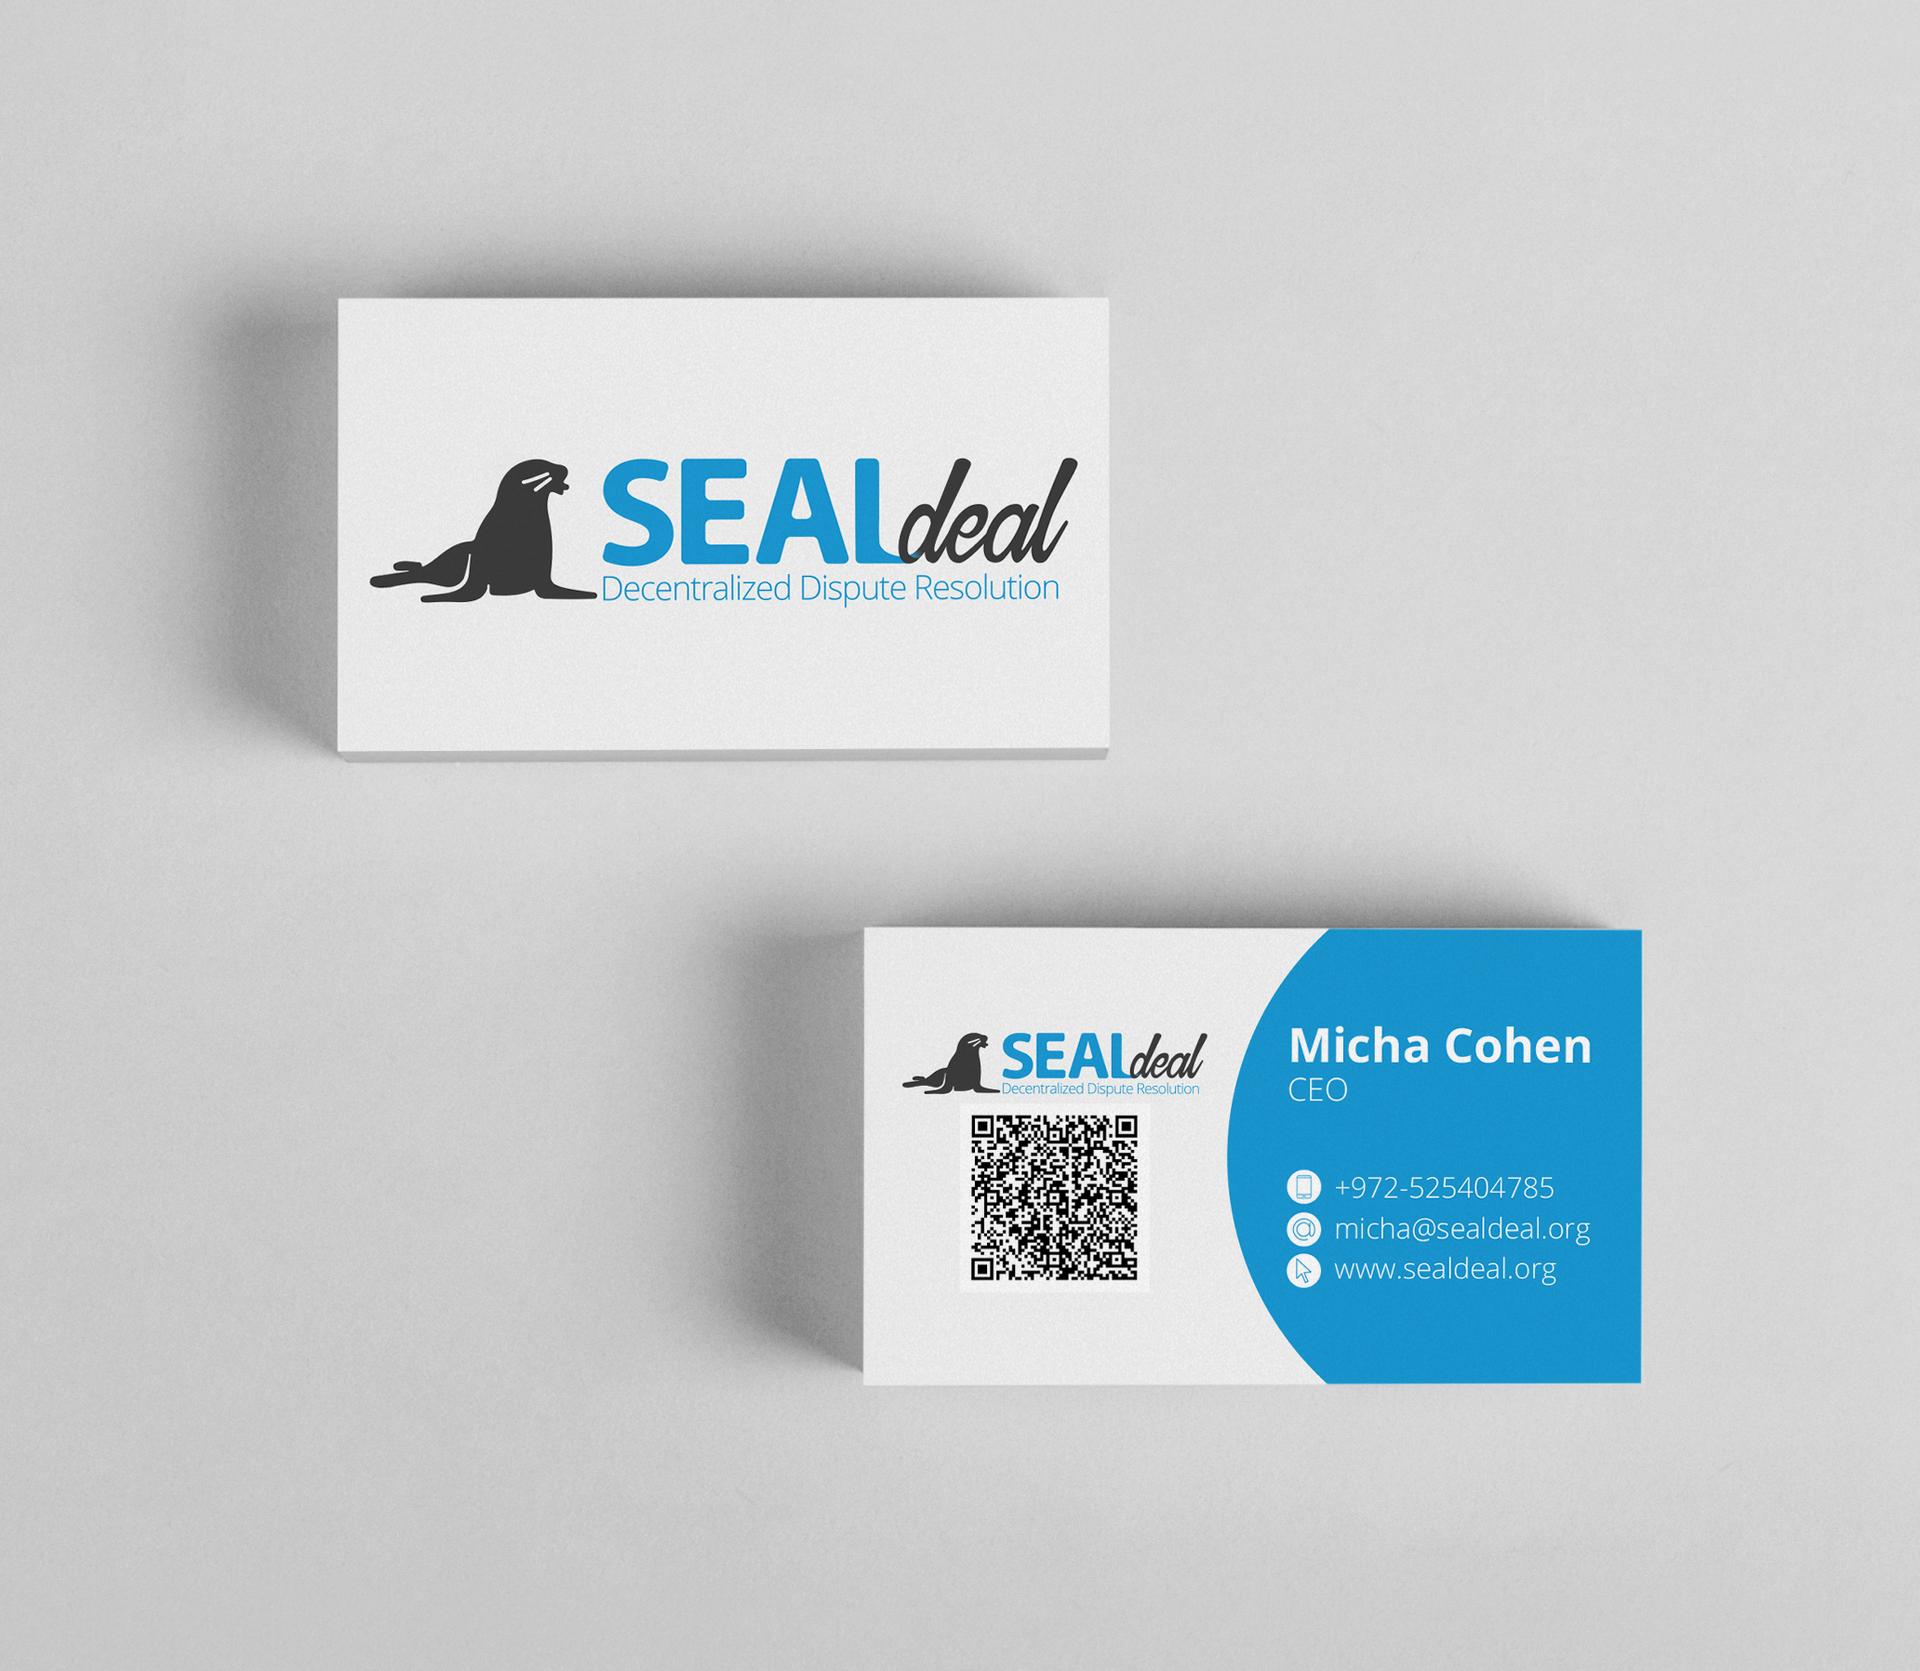 seal deal - רתם יראקצי